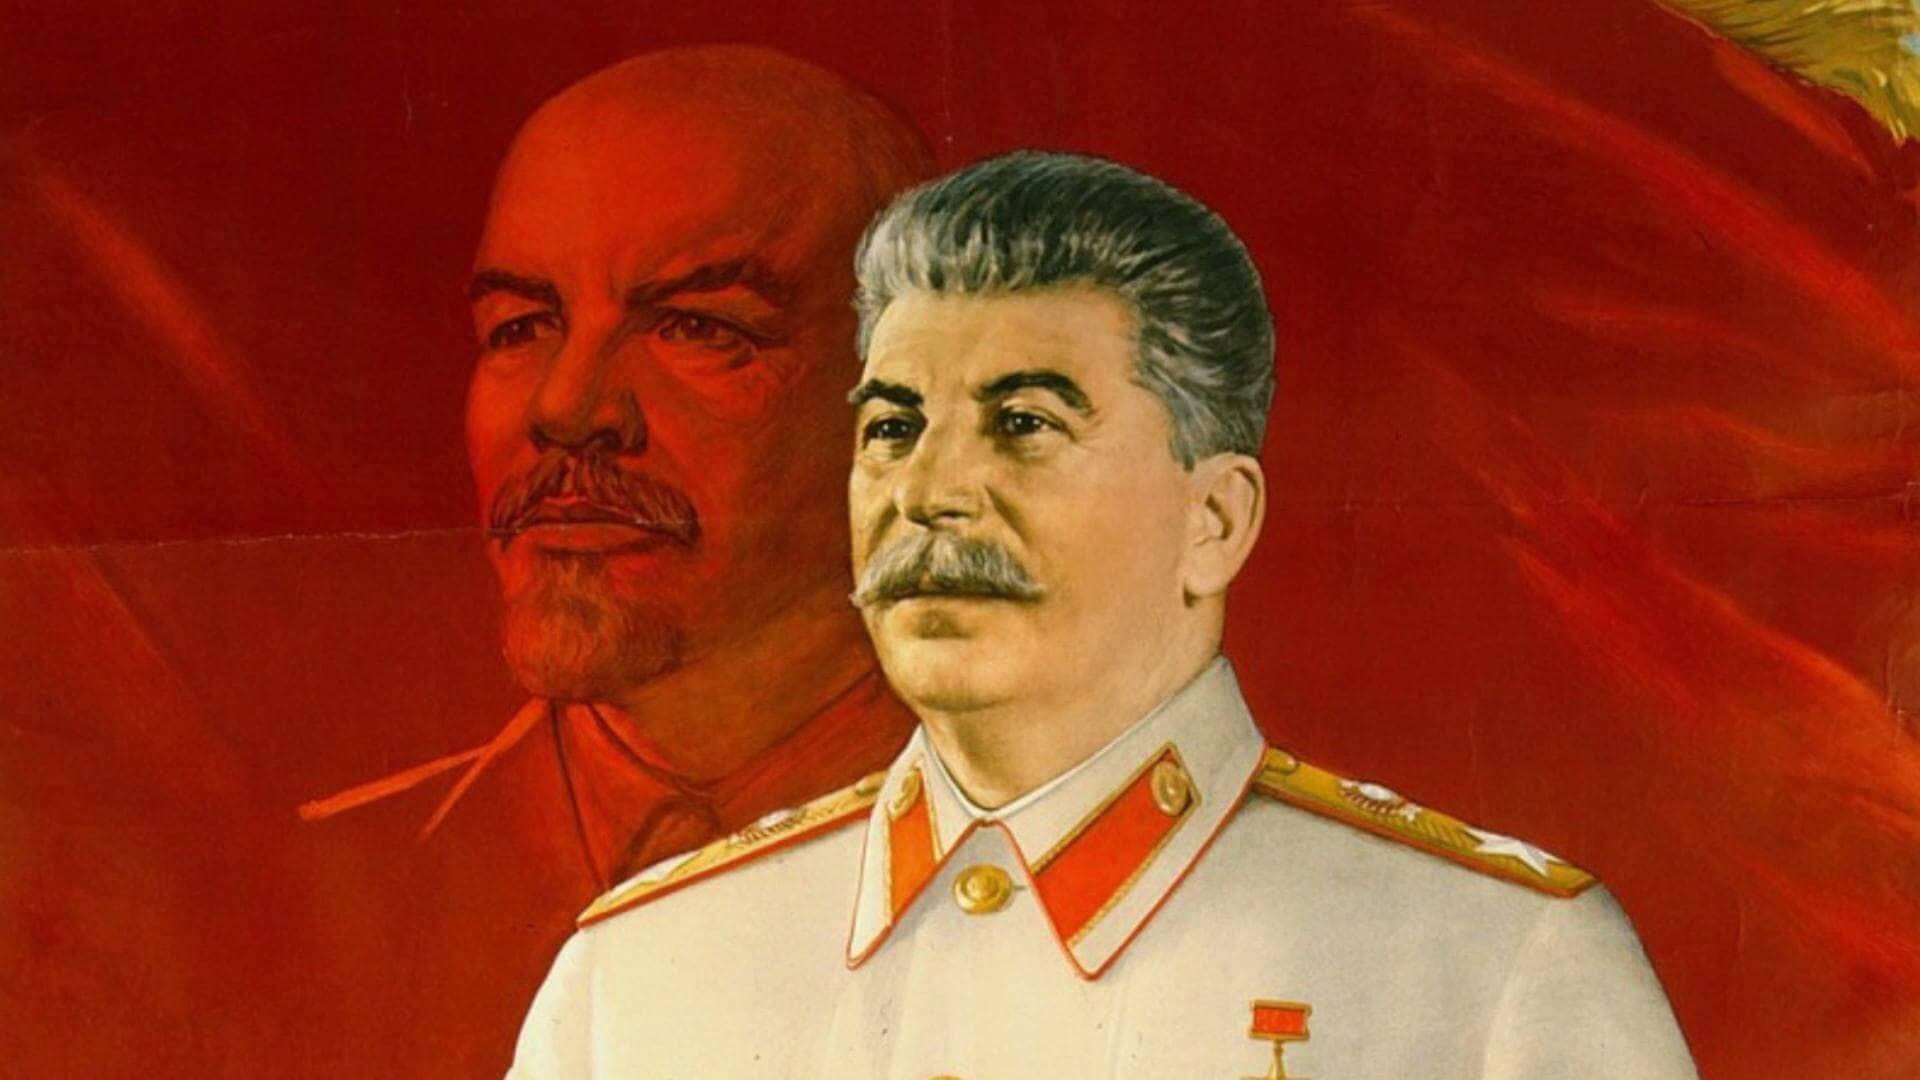 ютуб видео смотреть сталин остальным, очень